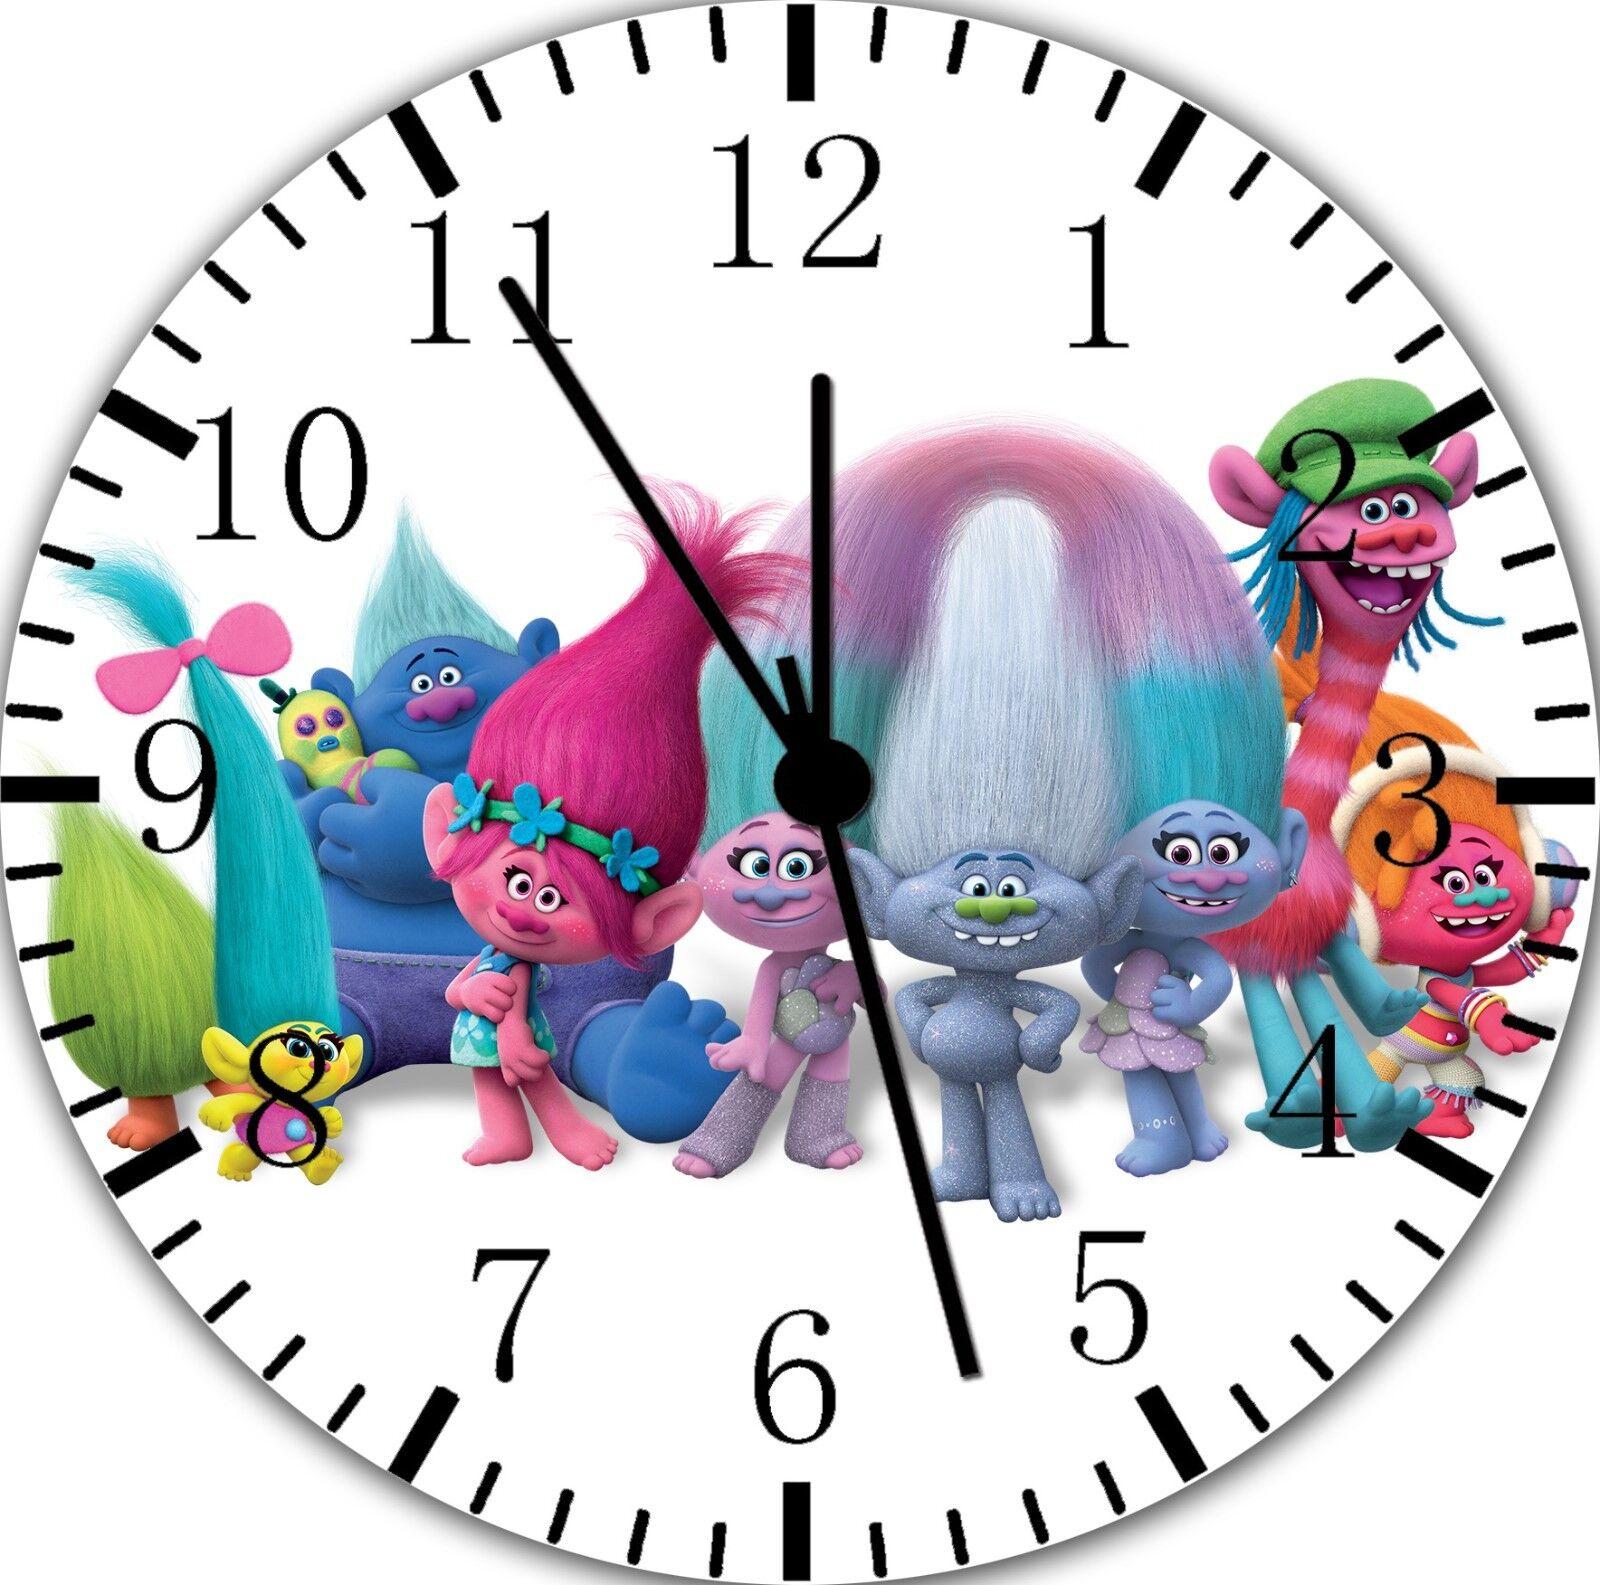 Trolls Frameless Borderless Wall Clock Nice For Gifts or Decor E235